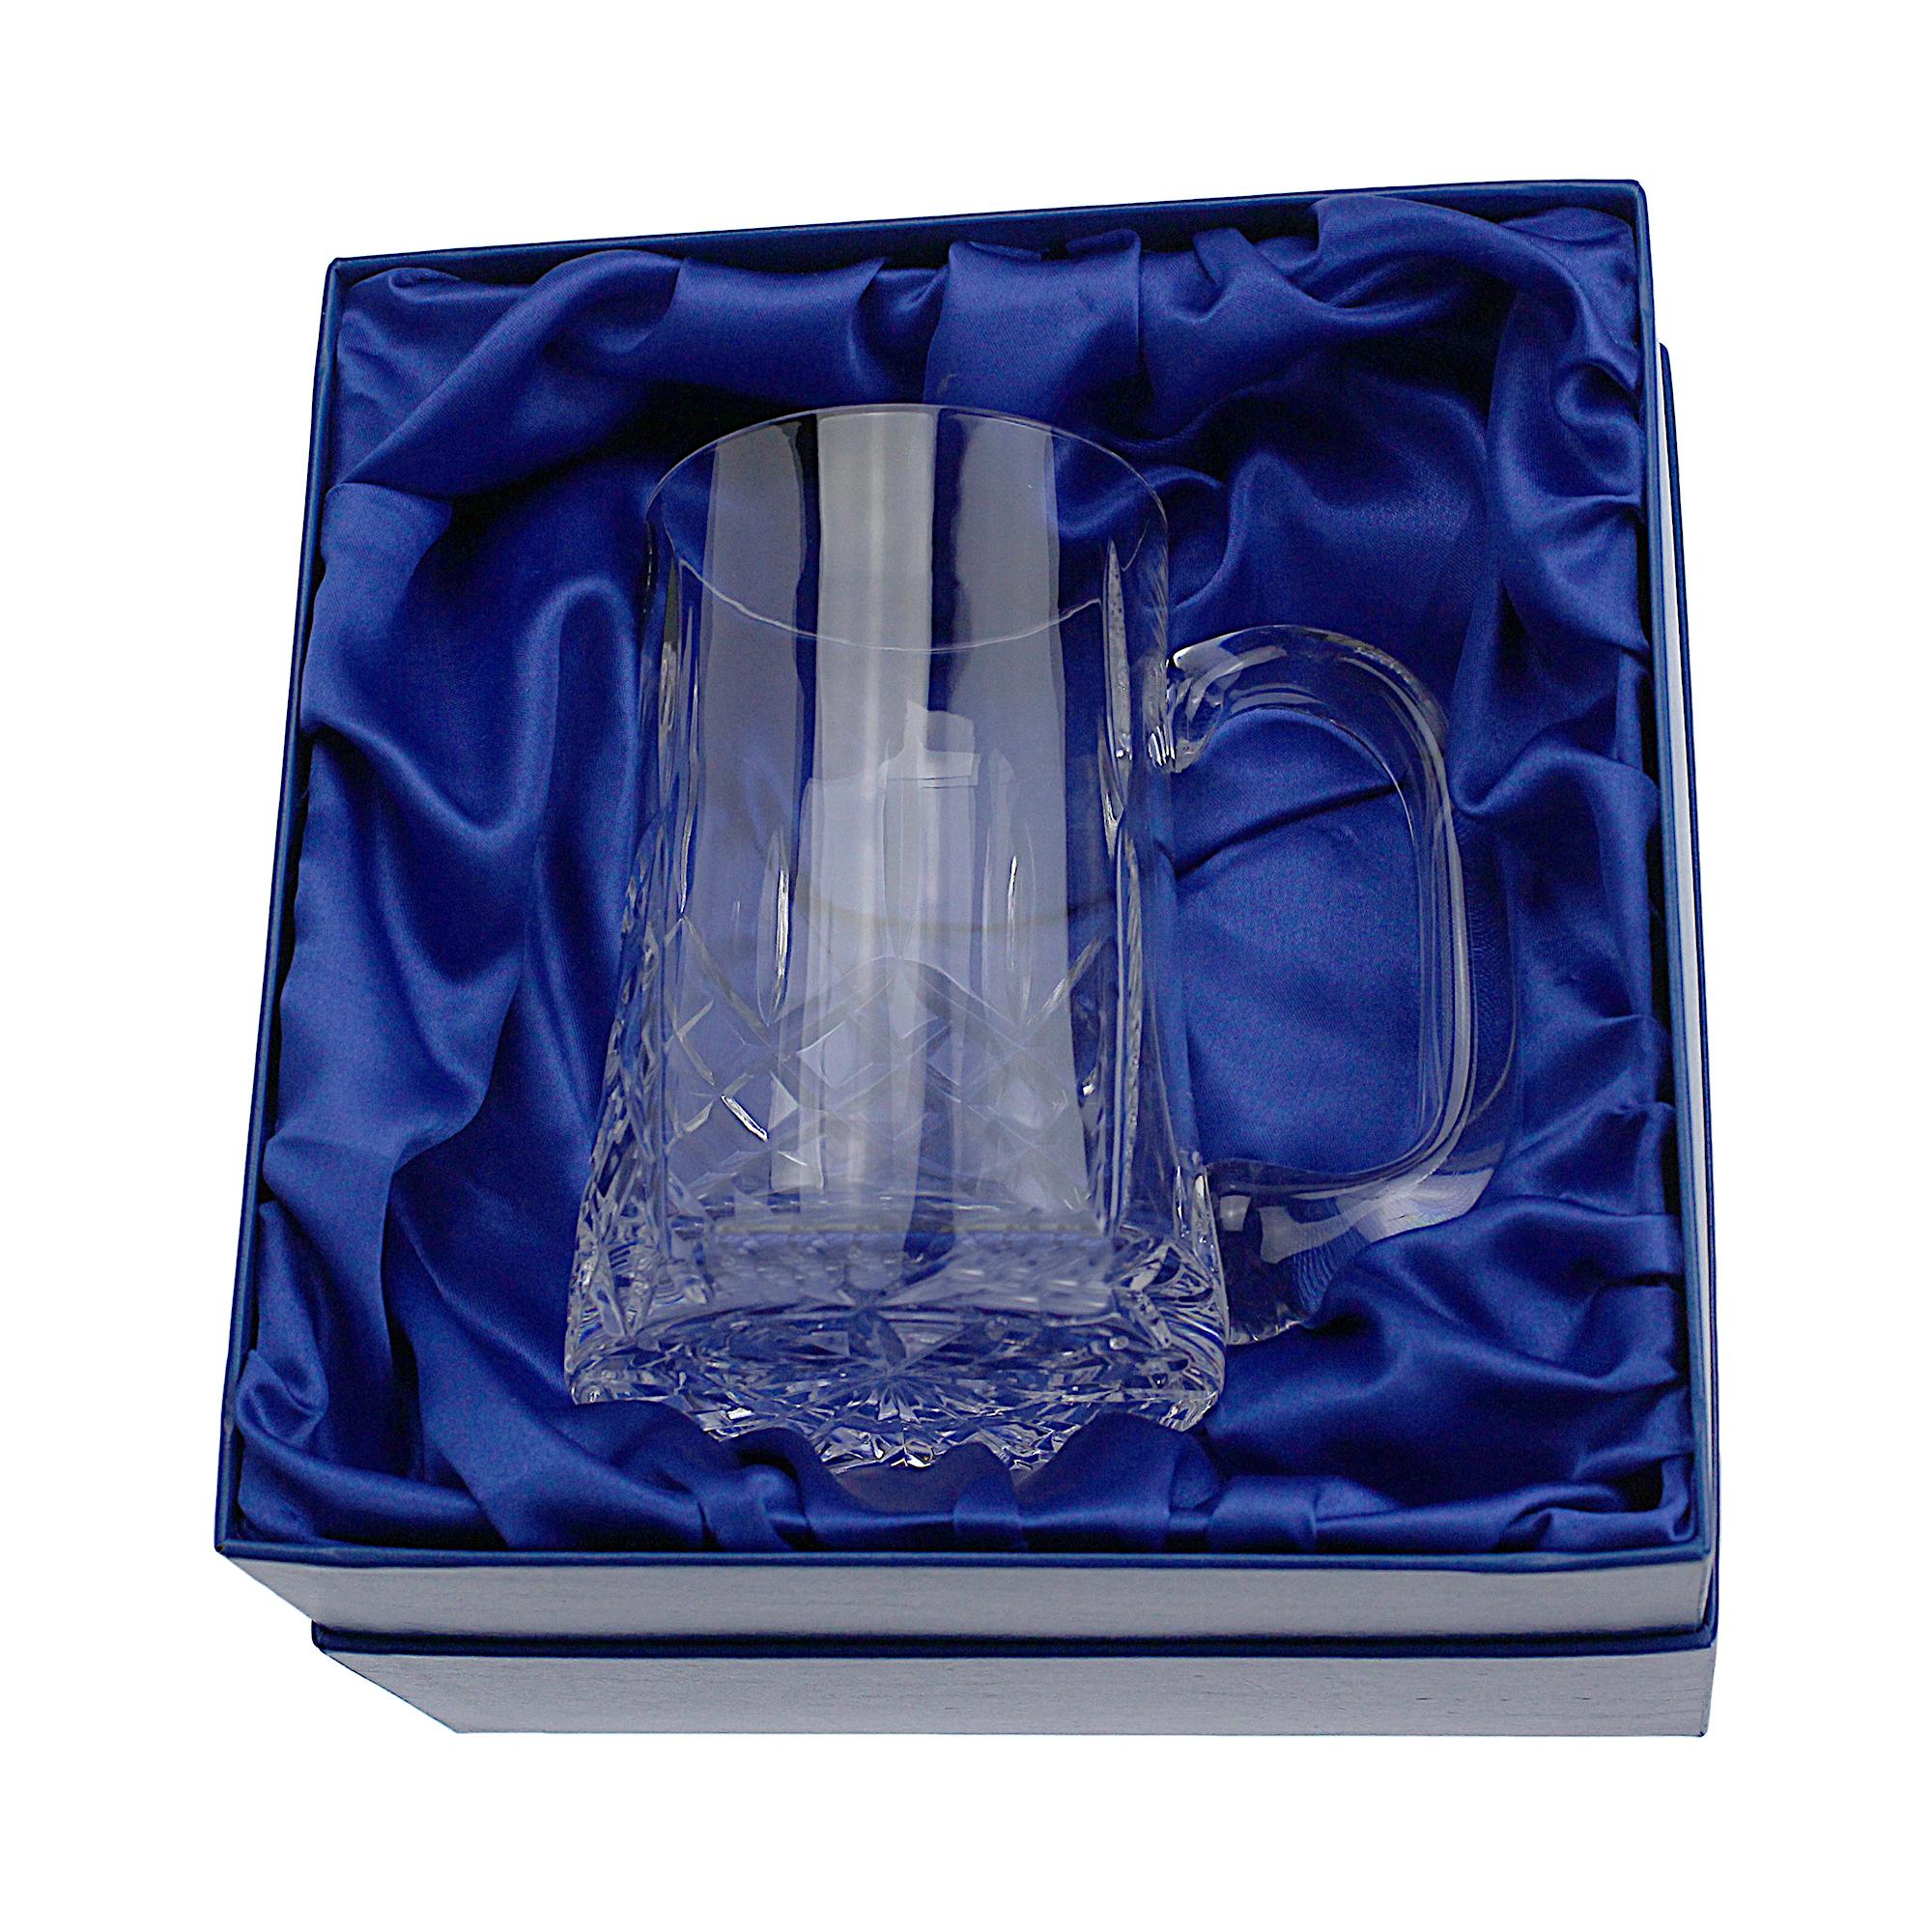 An image of Lead Crystal Cut 1 Pint Glass Tall Straight Tankard